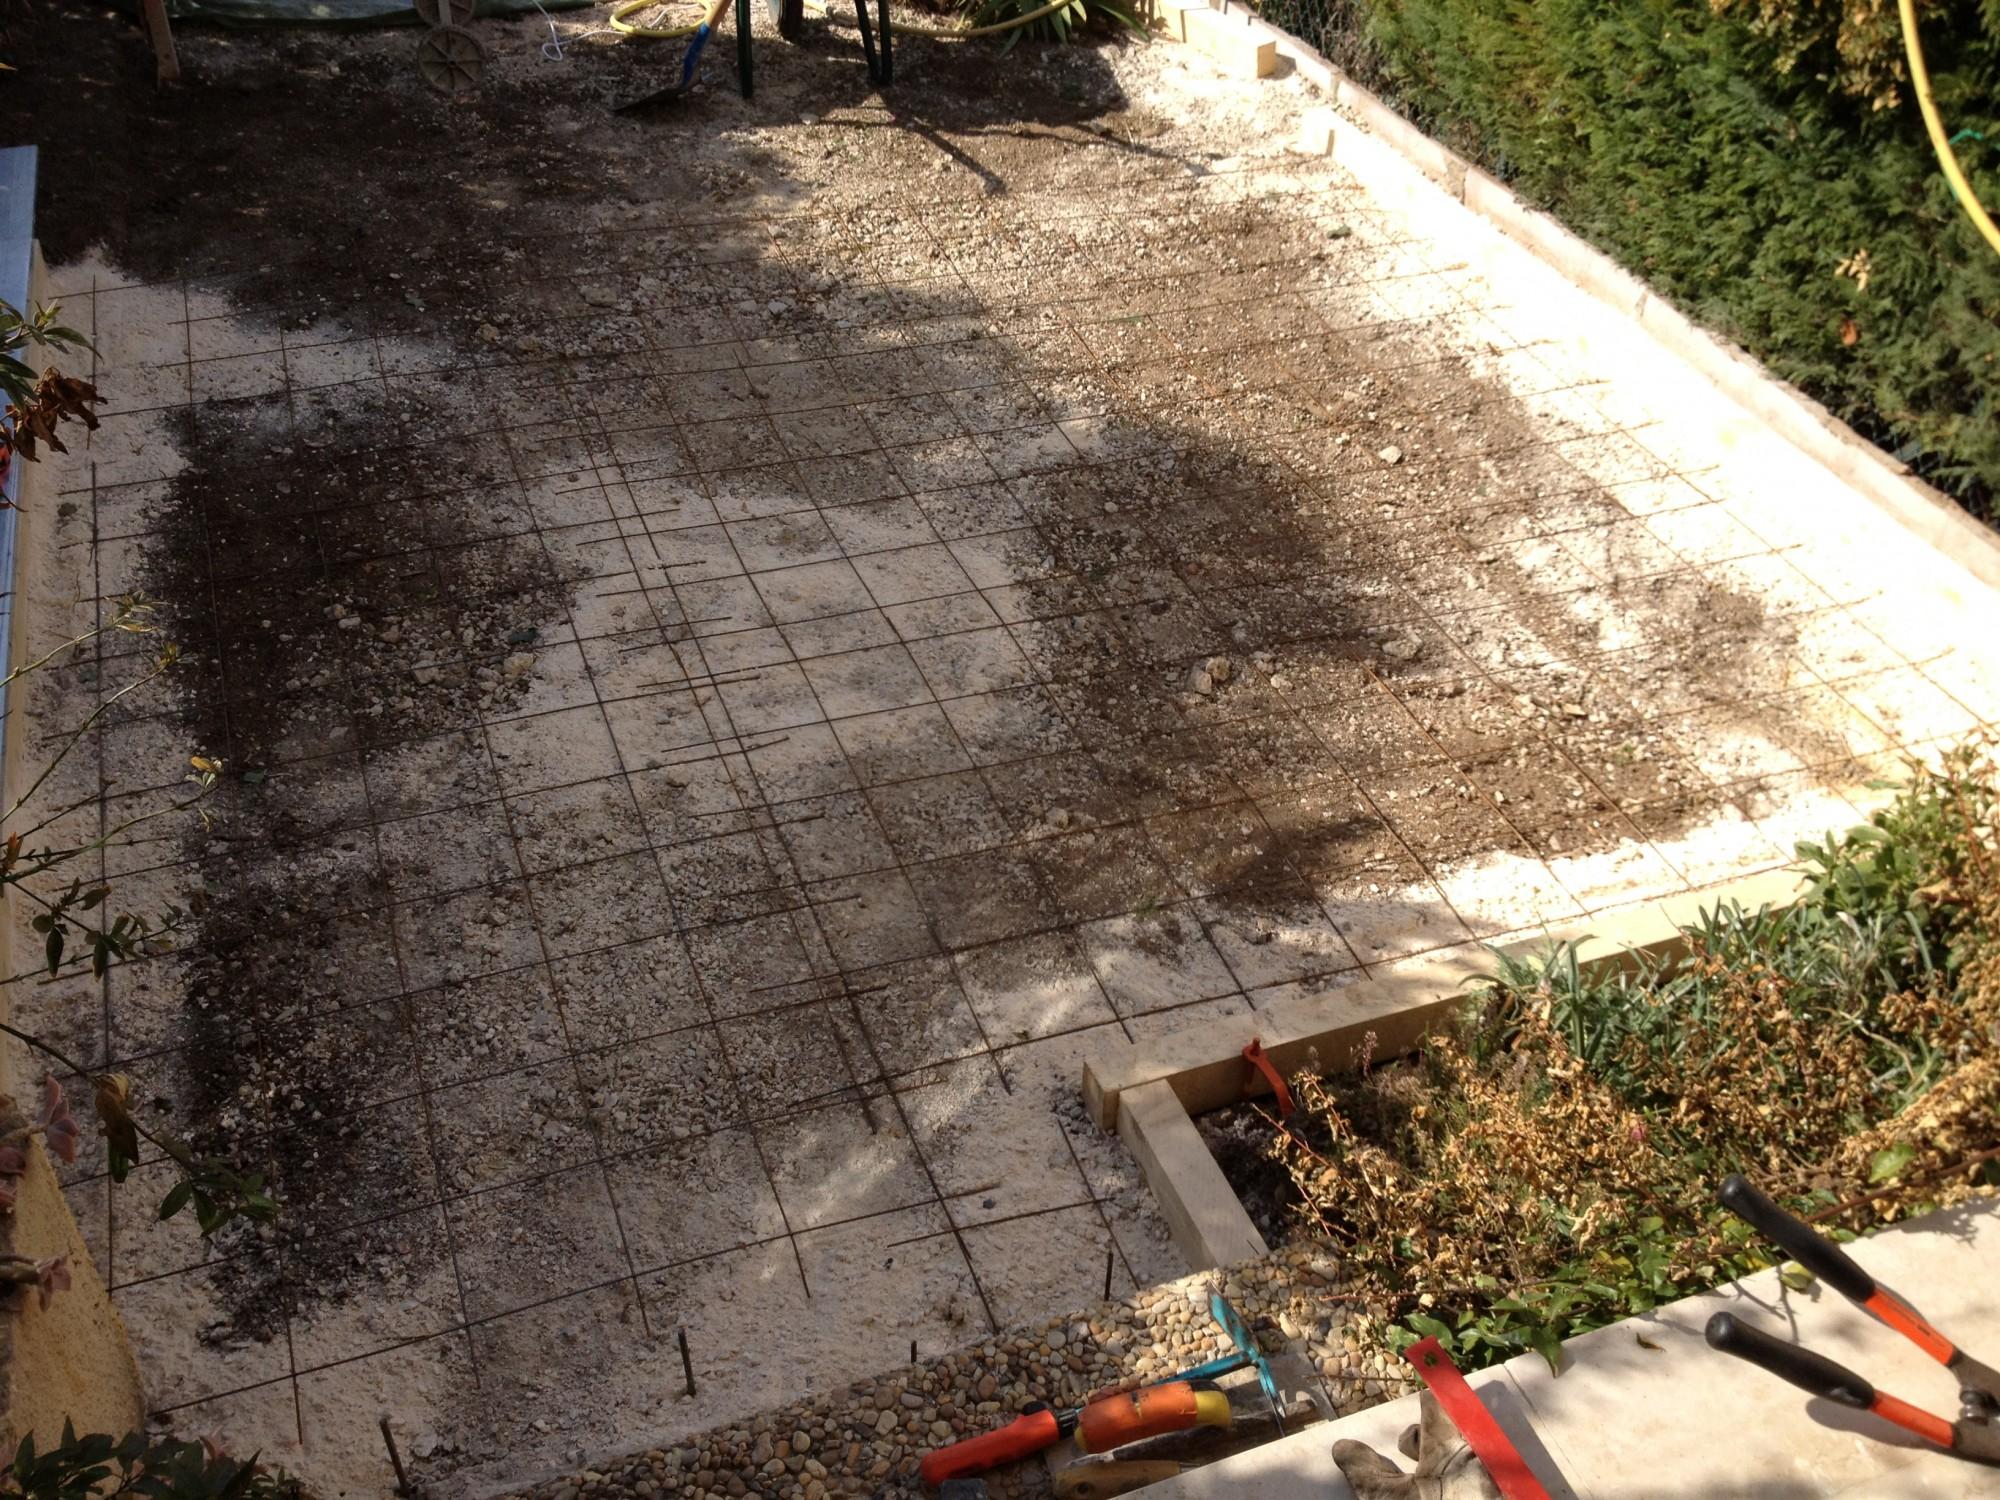 R alisation d 39 une dalle en b ton dans un jardin priv for Couler dalle beton garage